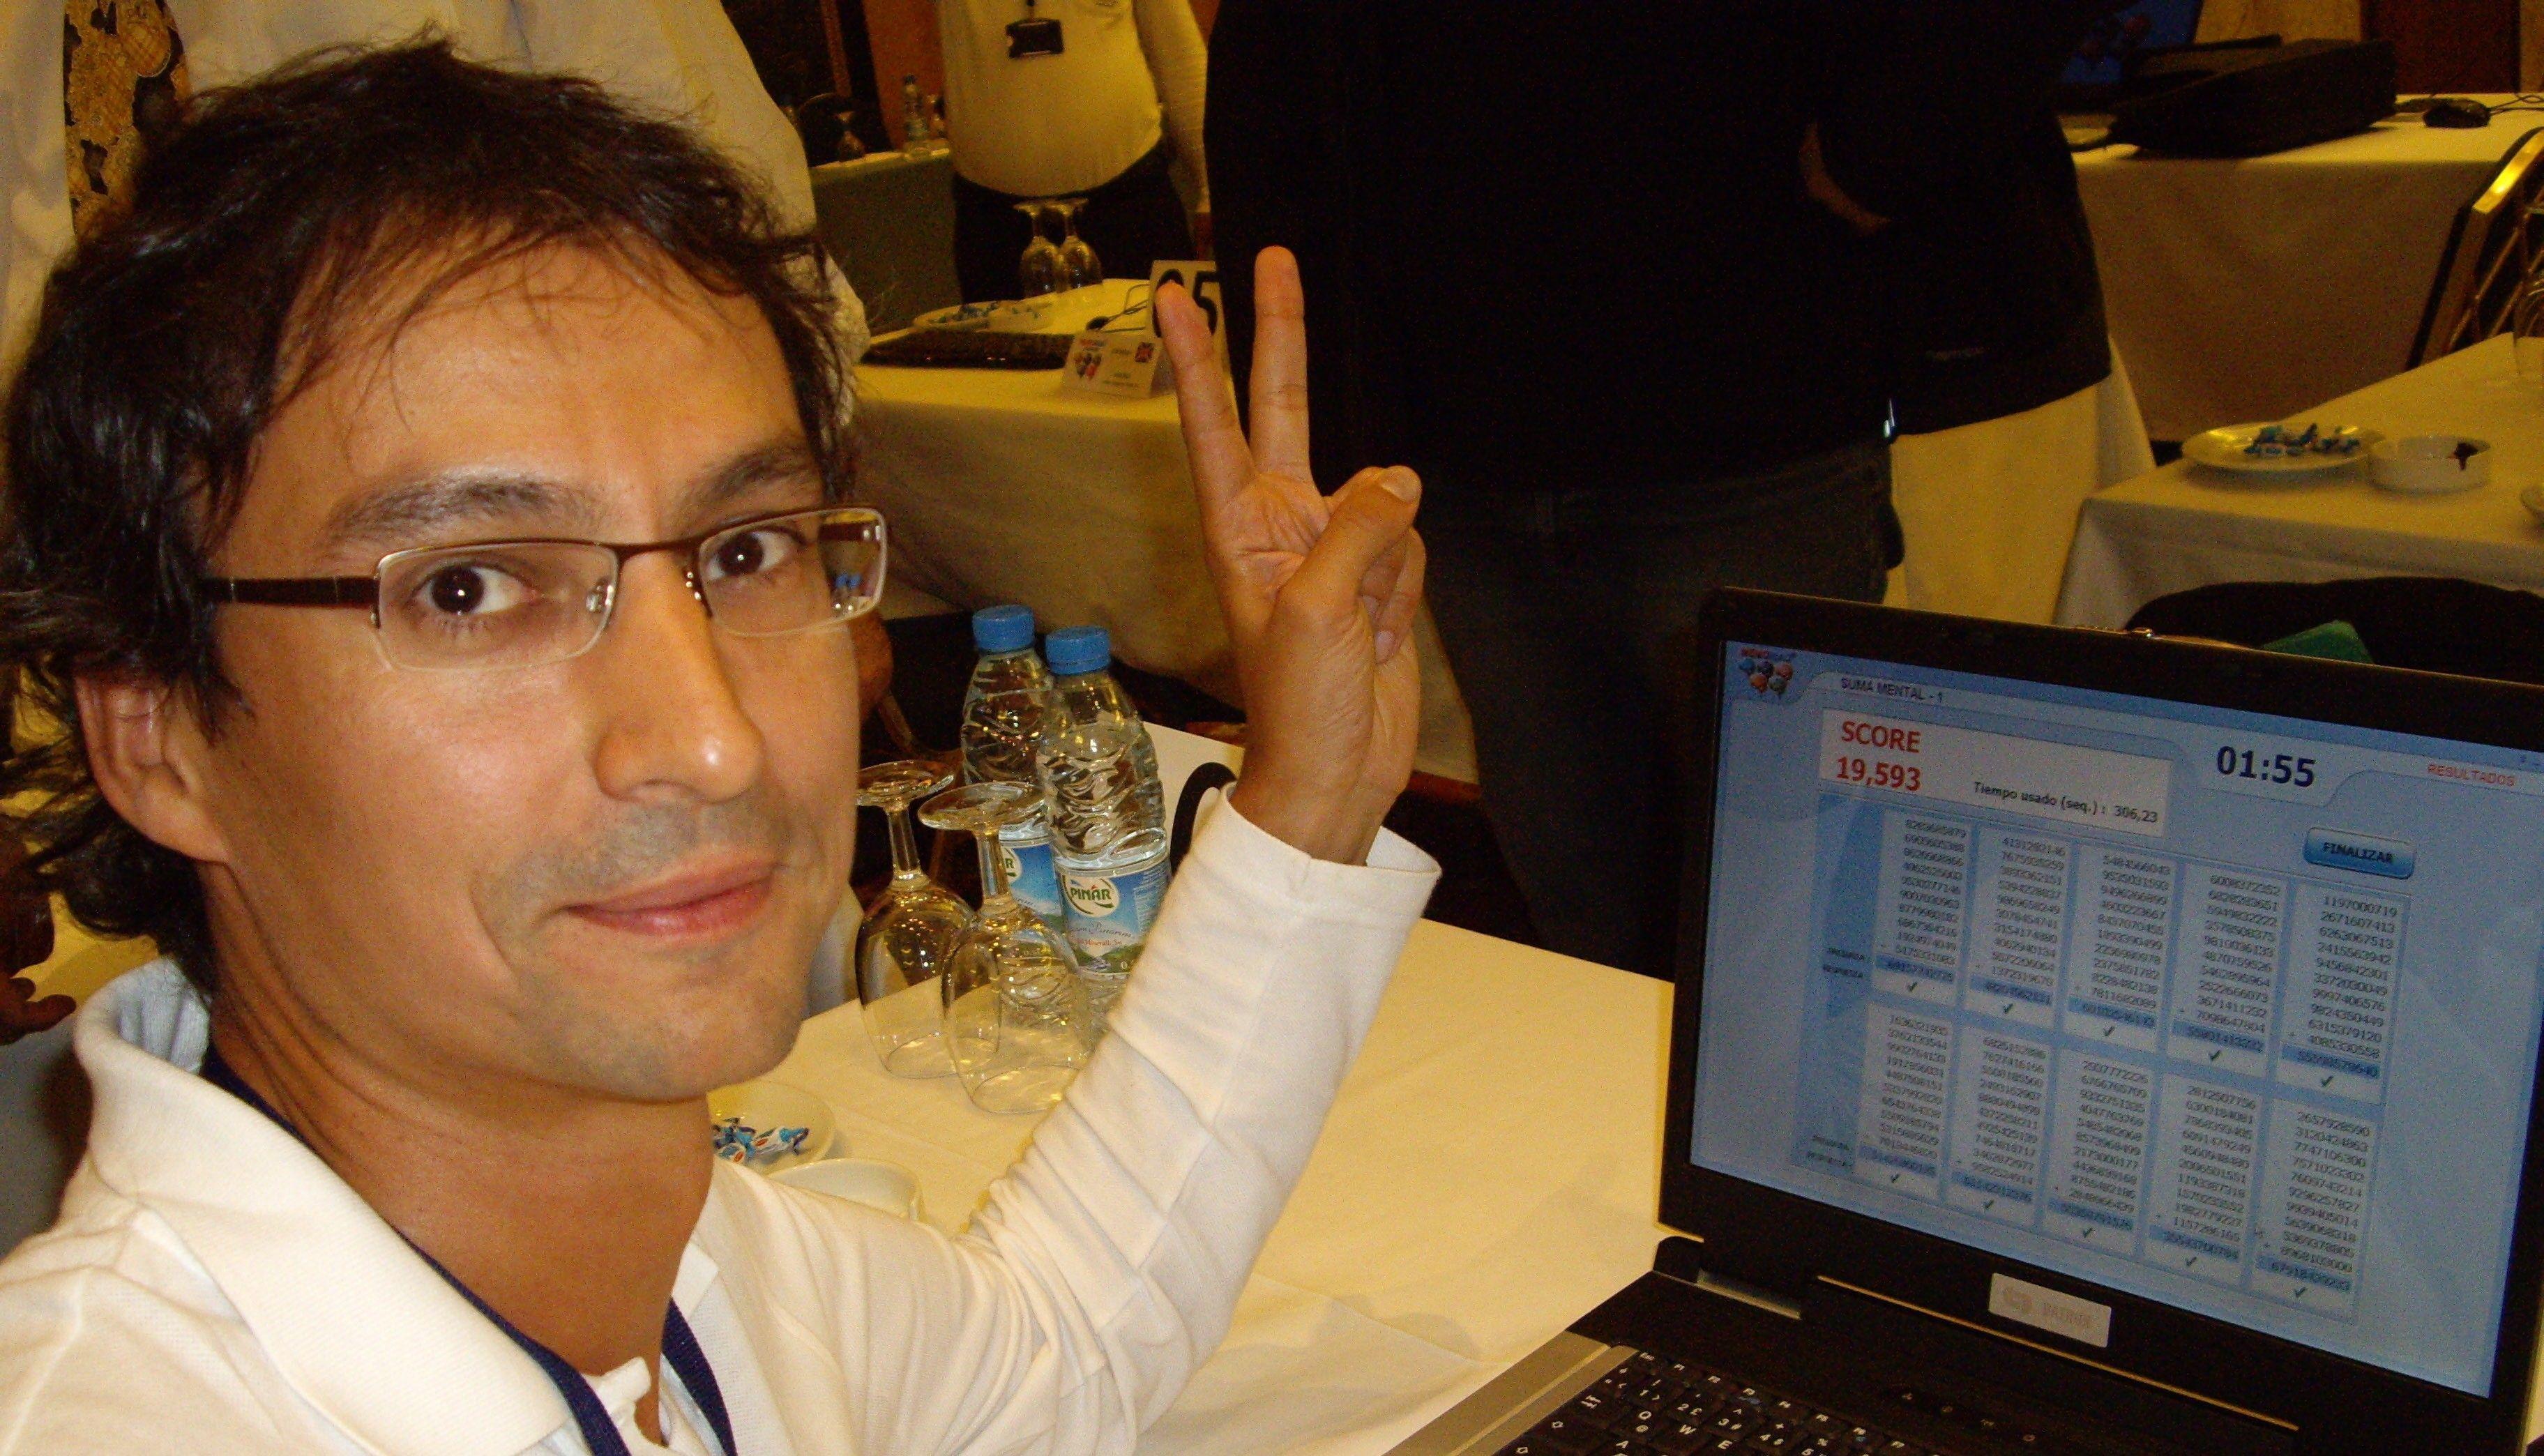 Alberto Coto